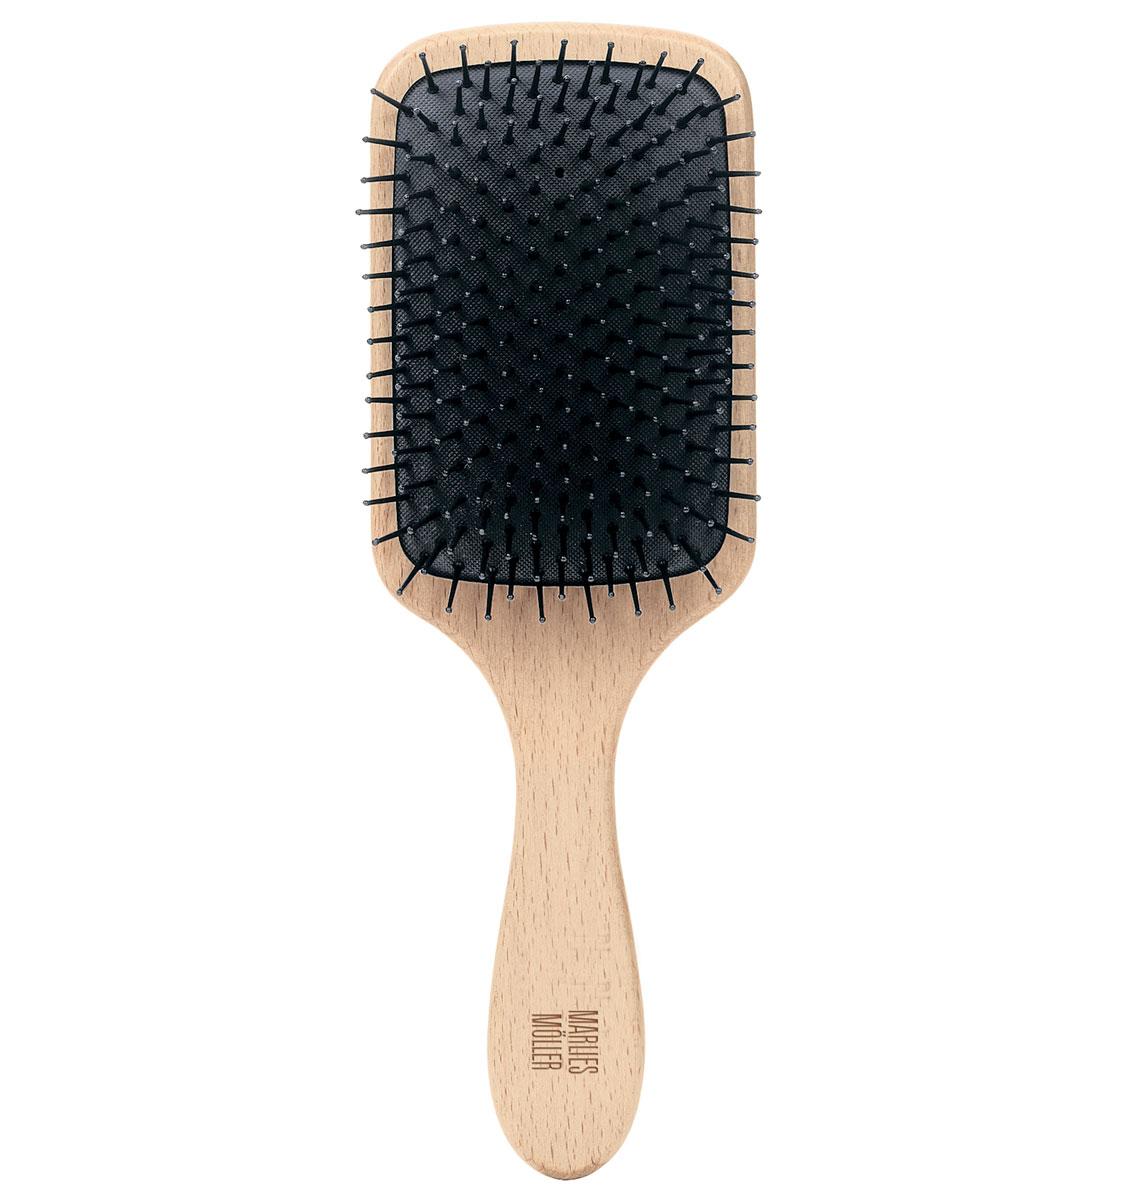 Marlies Moller Щетка массажная для волос, большая27079MMsБольшая массажная щетка Marlies Moller для волос и кожи головы. Распутывает волосы, стимулирует кровообращение, усиливает действие средств для кожи головы.